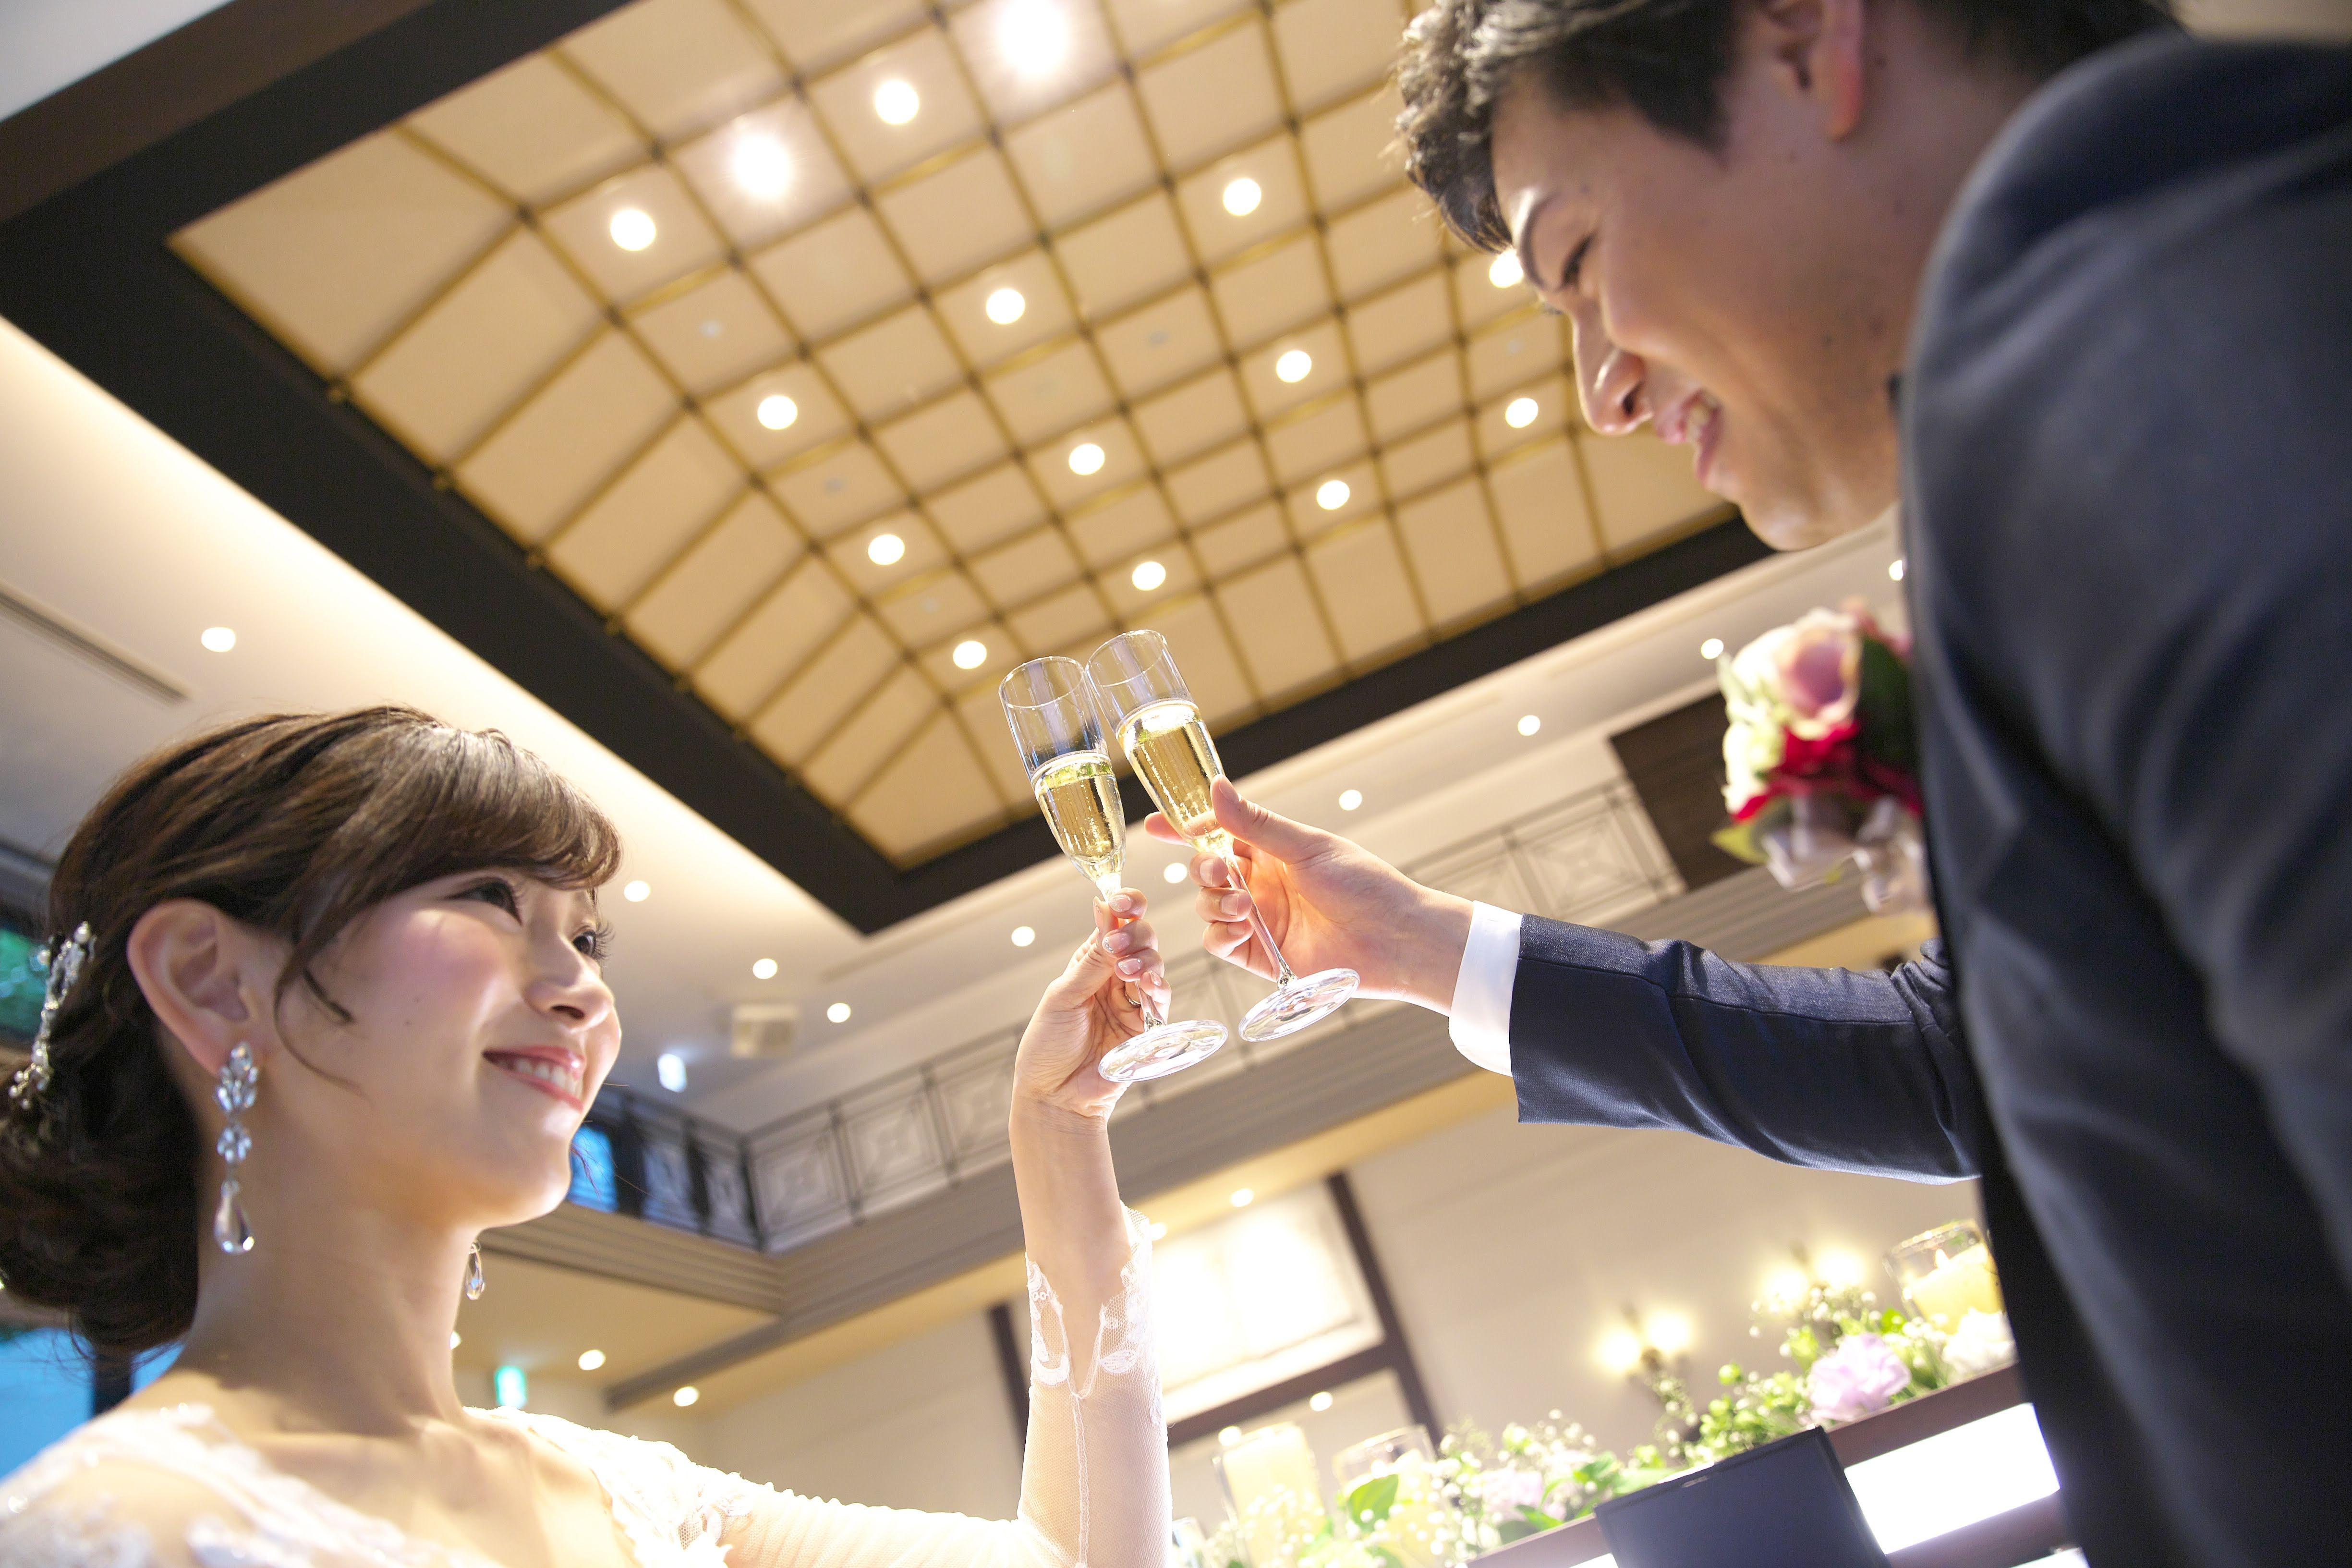 大阪・新大阪:アルカンシェルリュクスマリアージュ大阪にてご結婚式 ・披露宴のお客様の声【144】